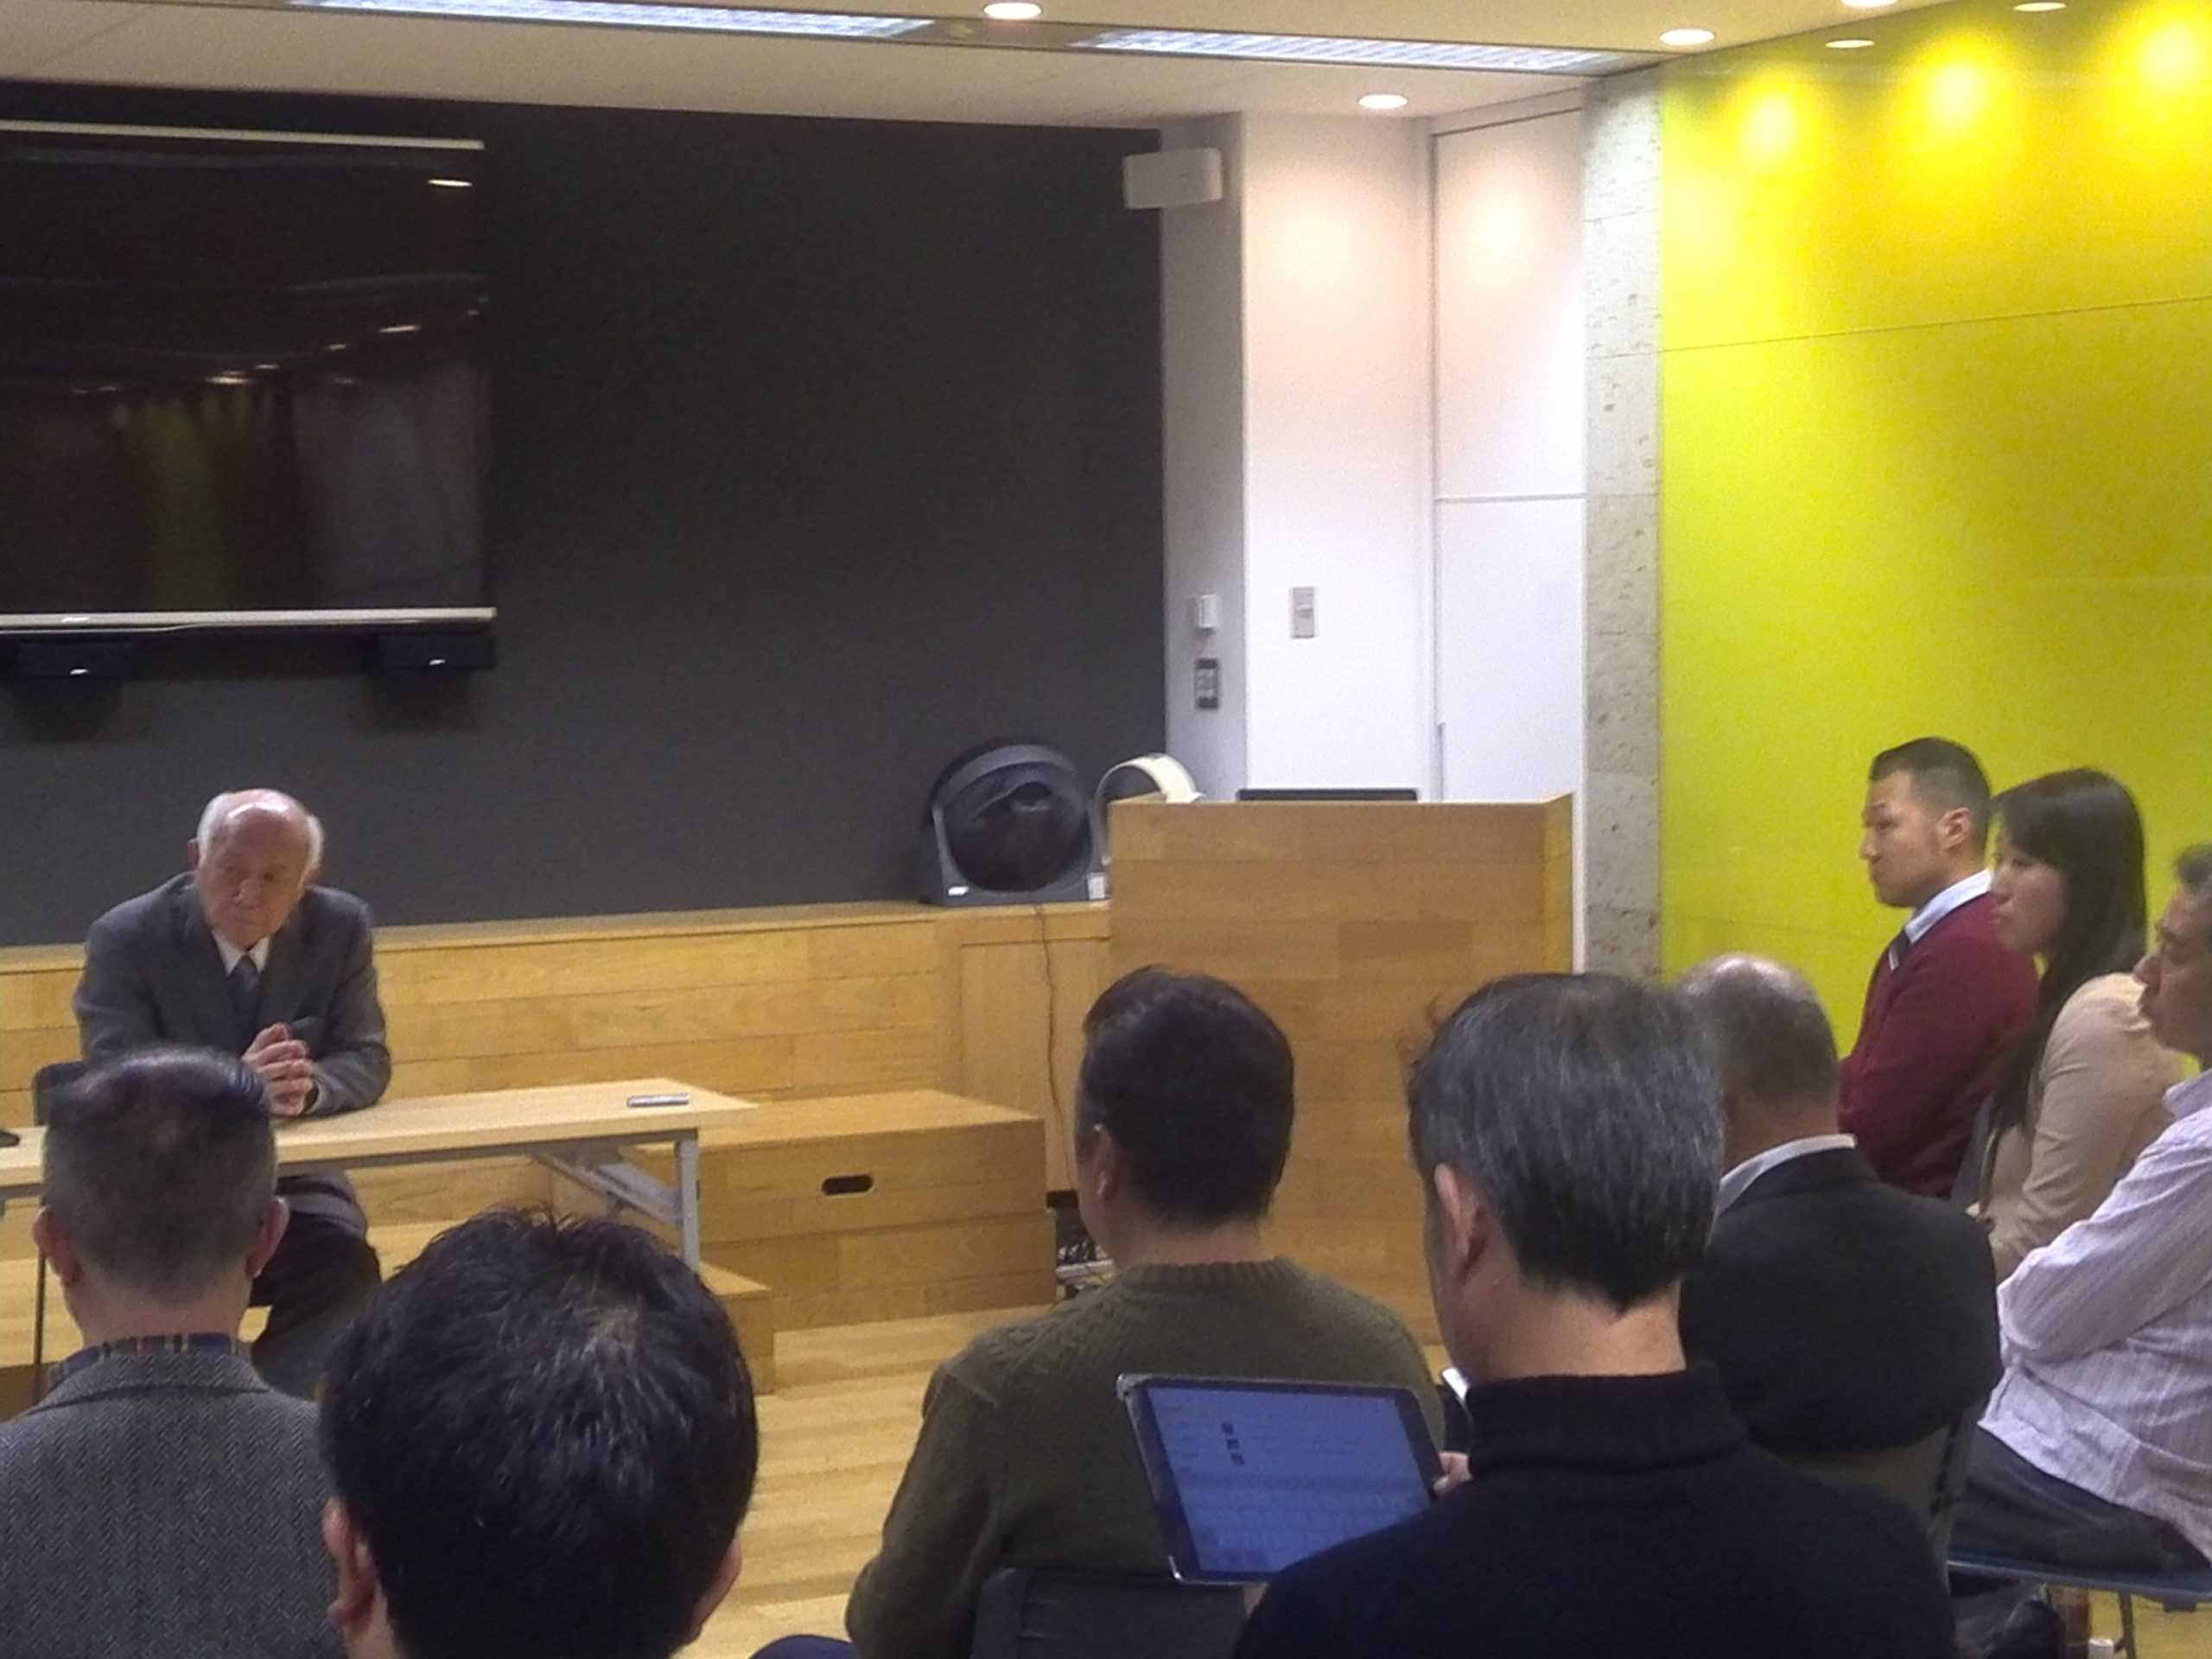 IMG 20110109 113134 scaled - 2019年12月7日(土)第6回東京思風塾「人生の鉄則からの5つの問いとは」をテーマに開催